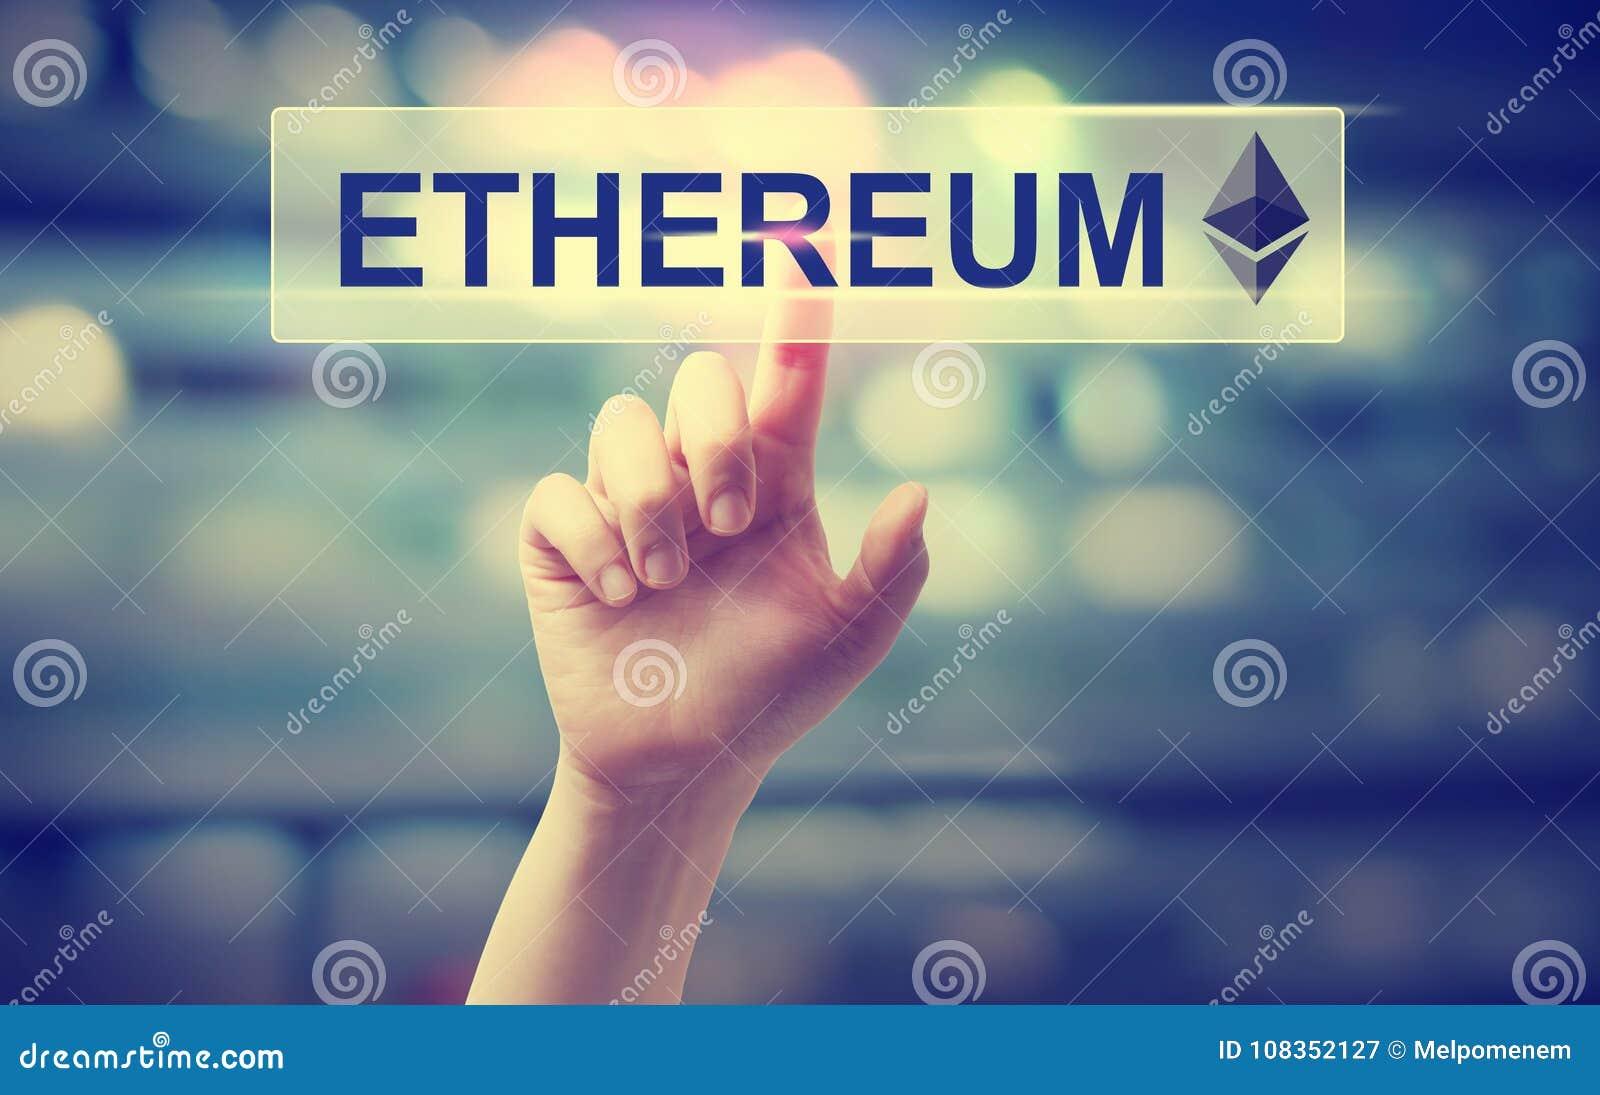 Ethereum med att trycka på för hand en knapp